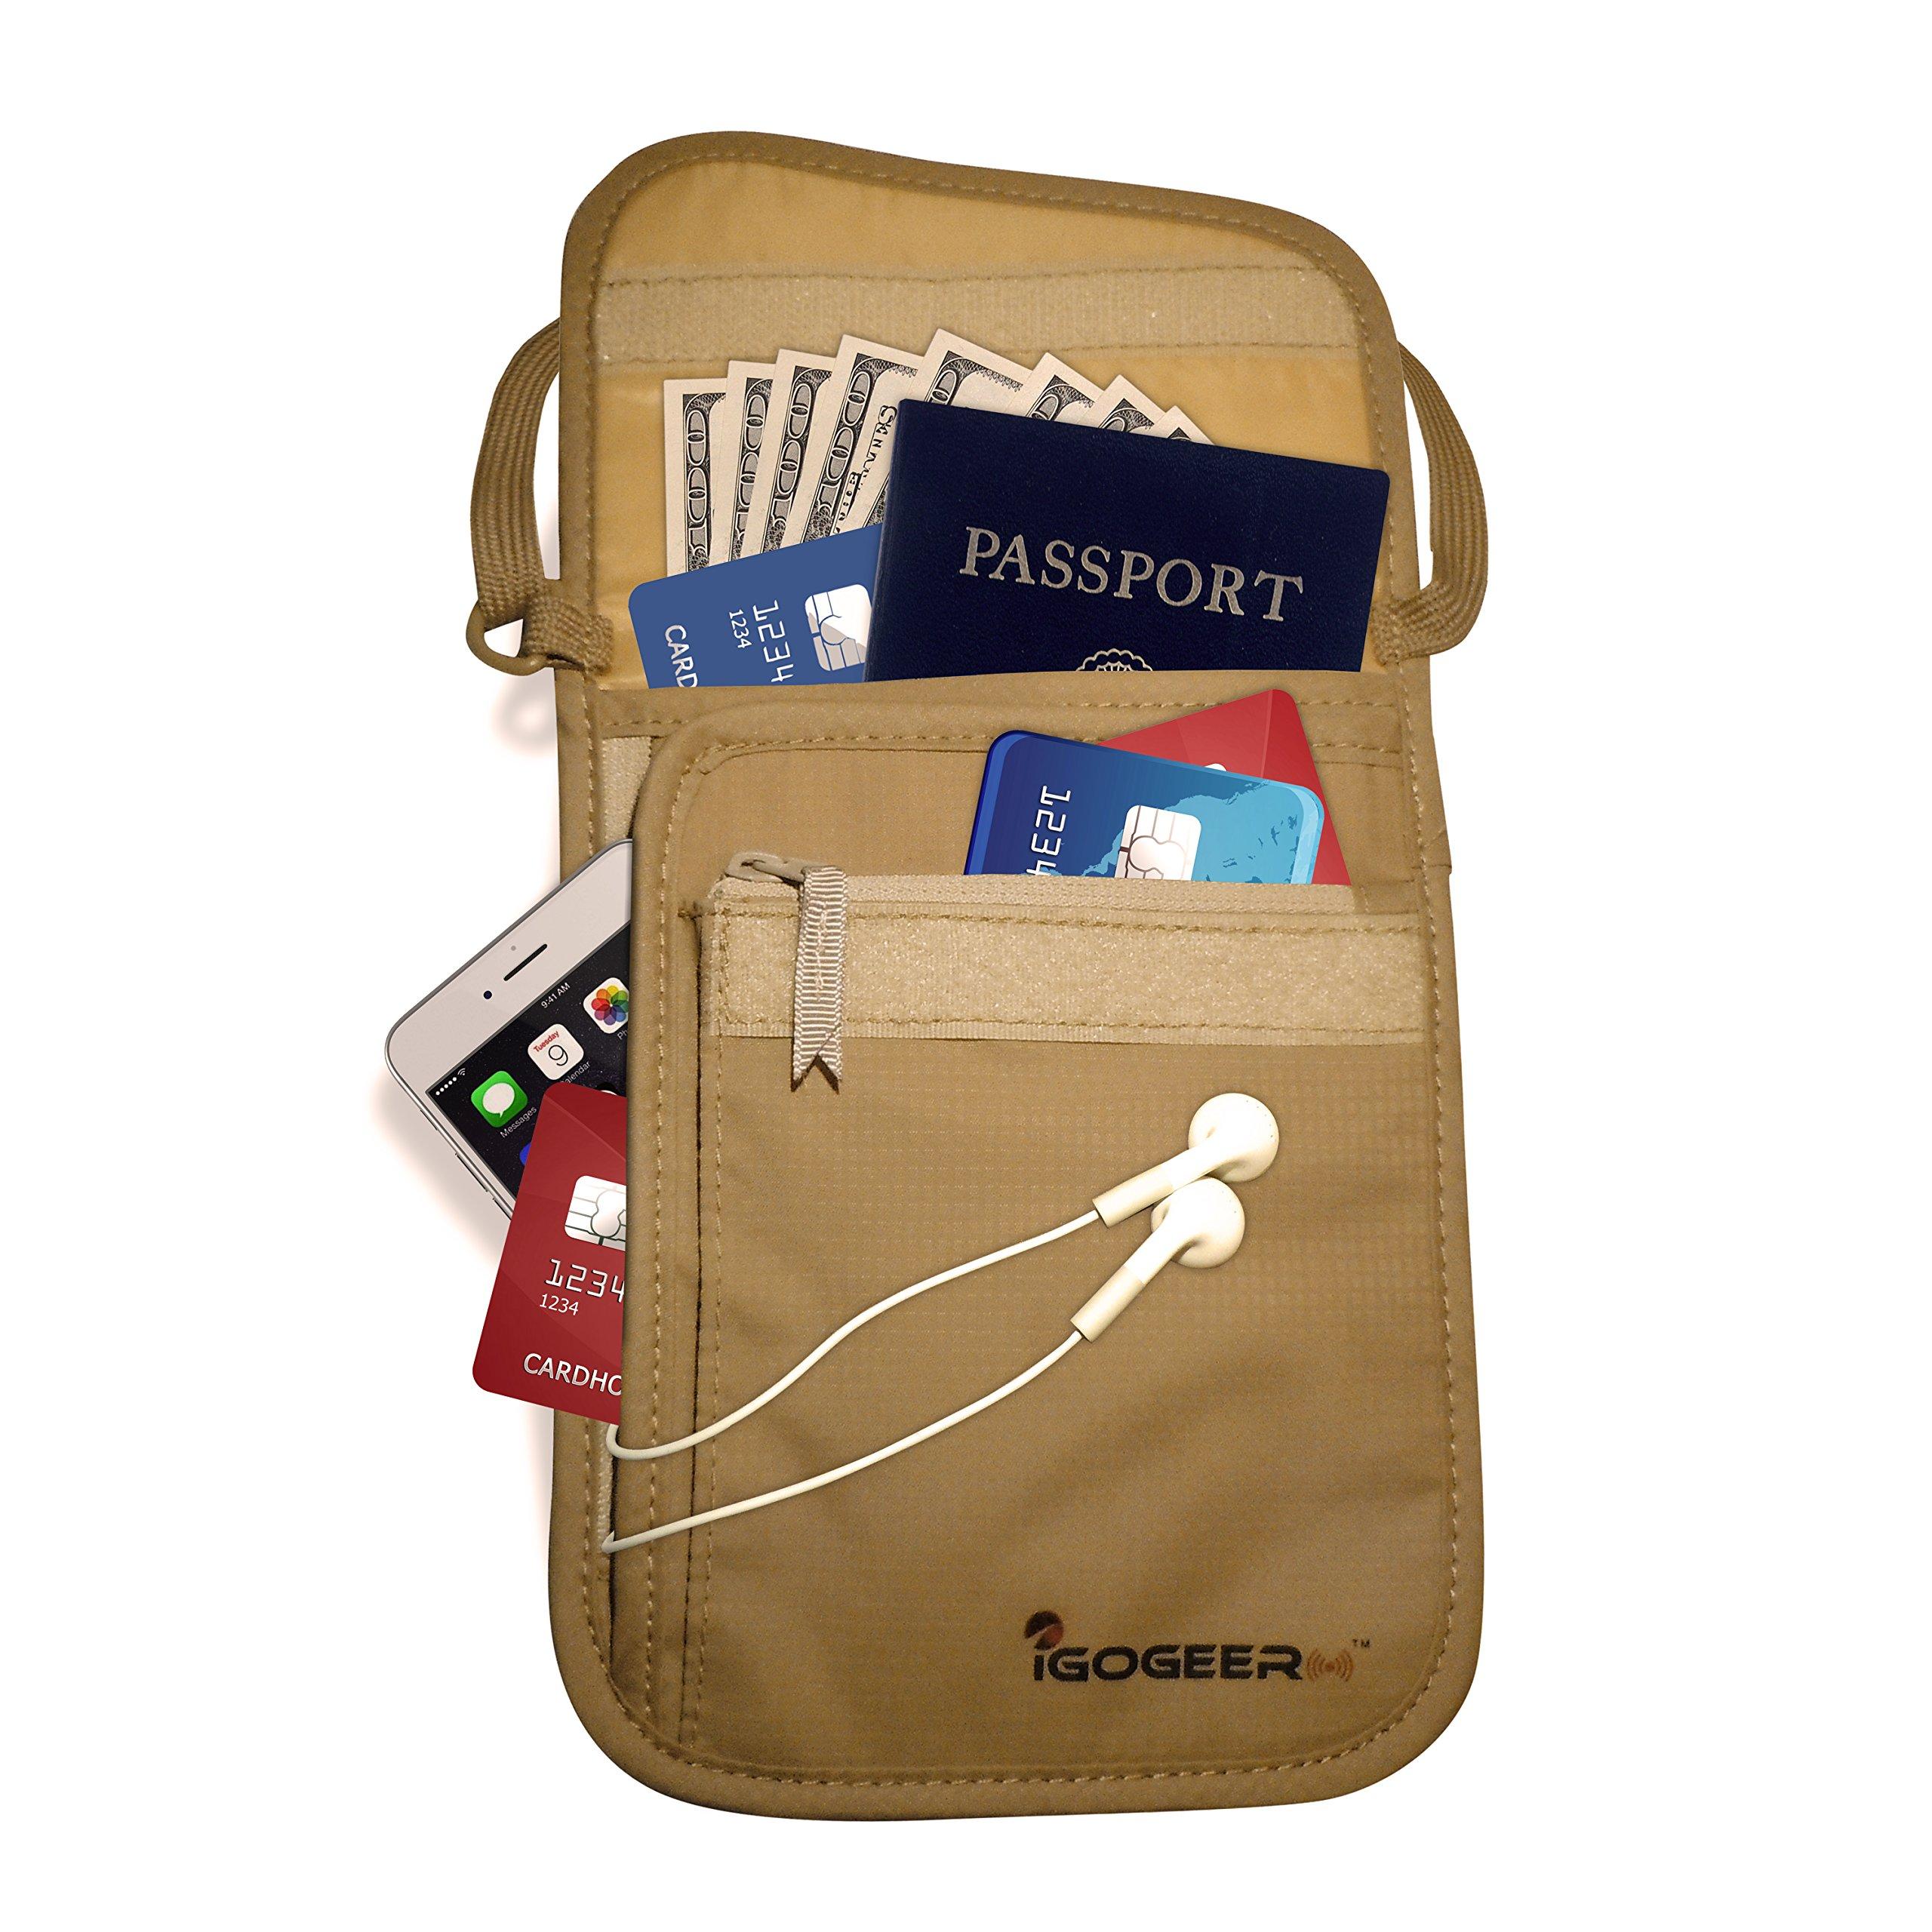 IGOGEER Neck Wallet Deluxe w/RFID - Neck Pouch Travel Wallet Passport Holder